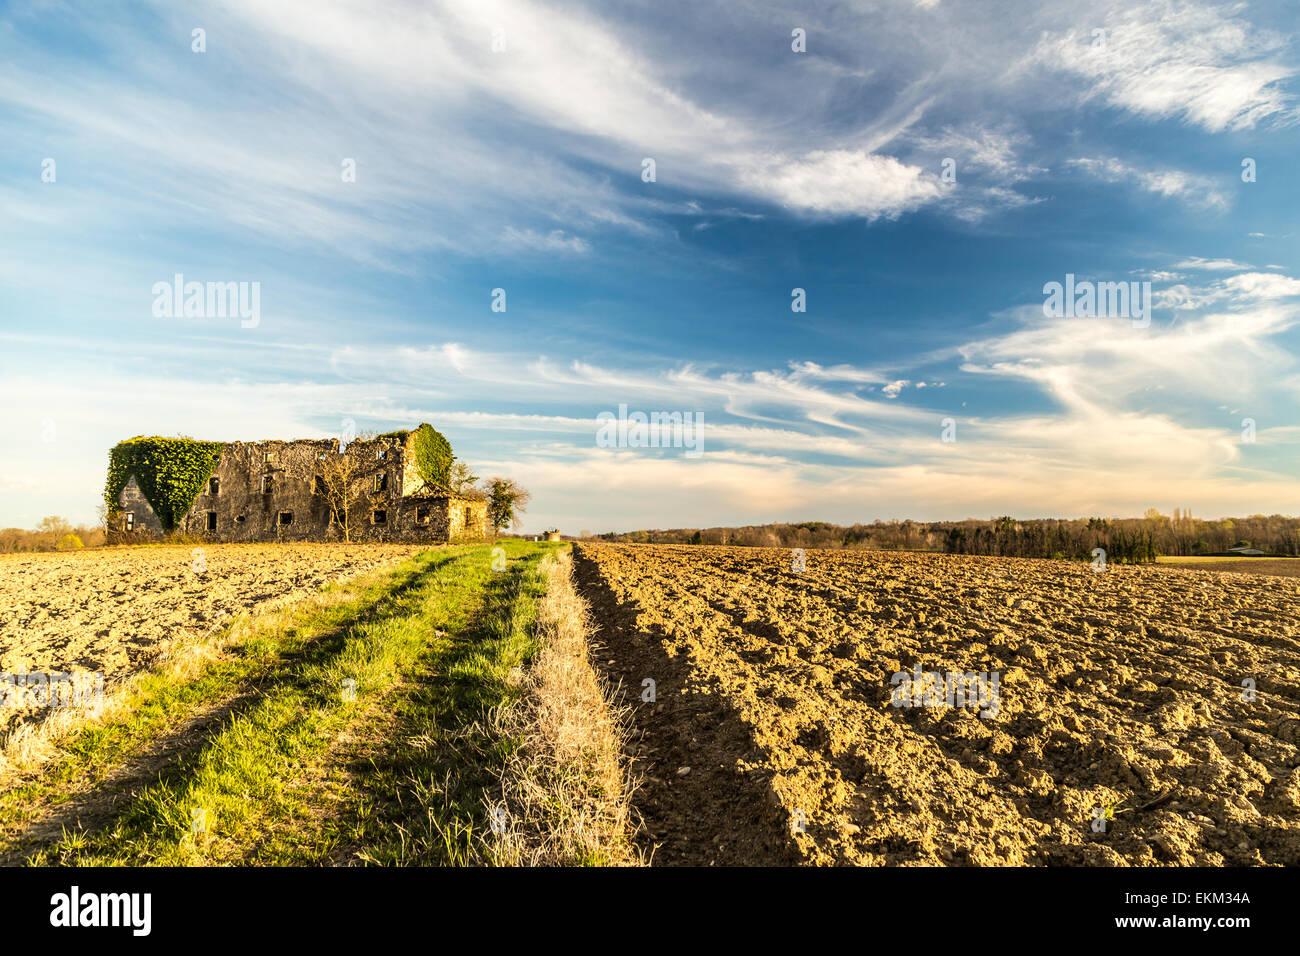 Une ferme en ruine et abandonné dans les domaines de l'Italie Photo Stock